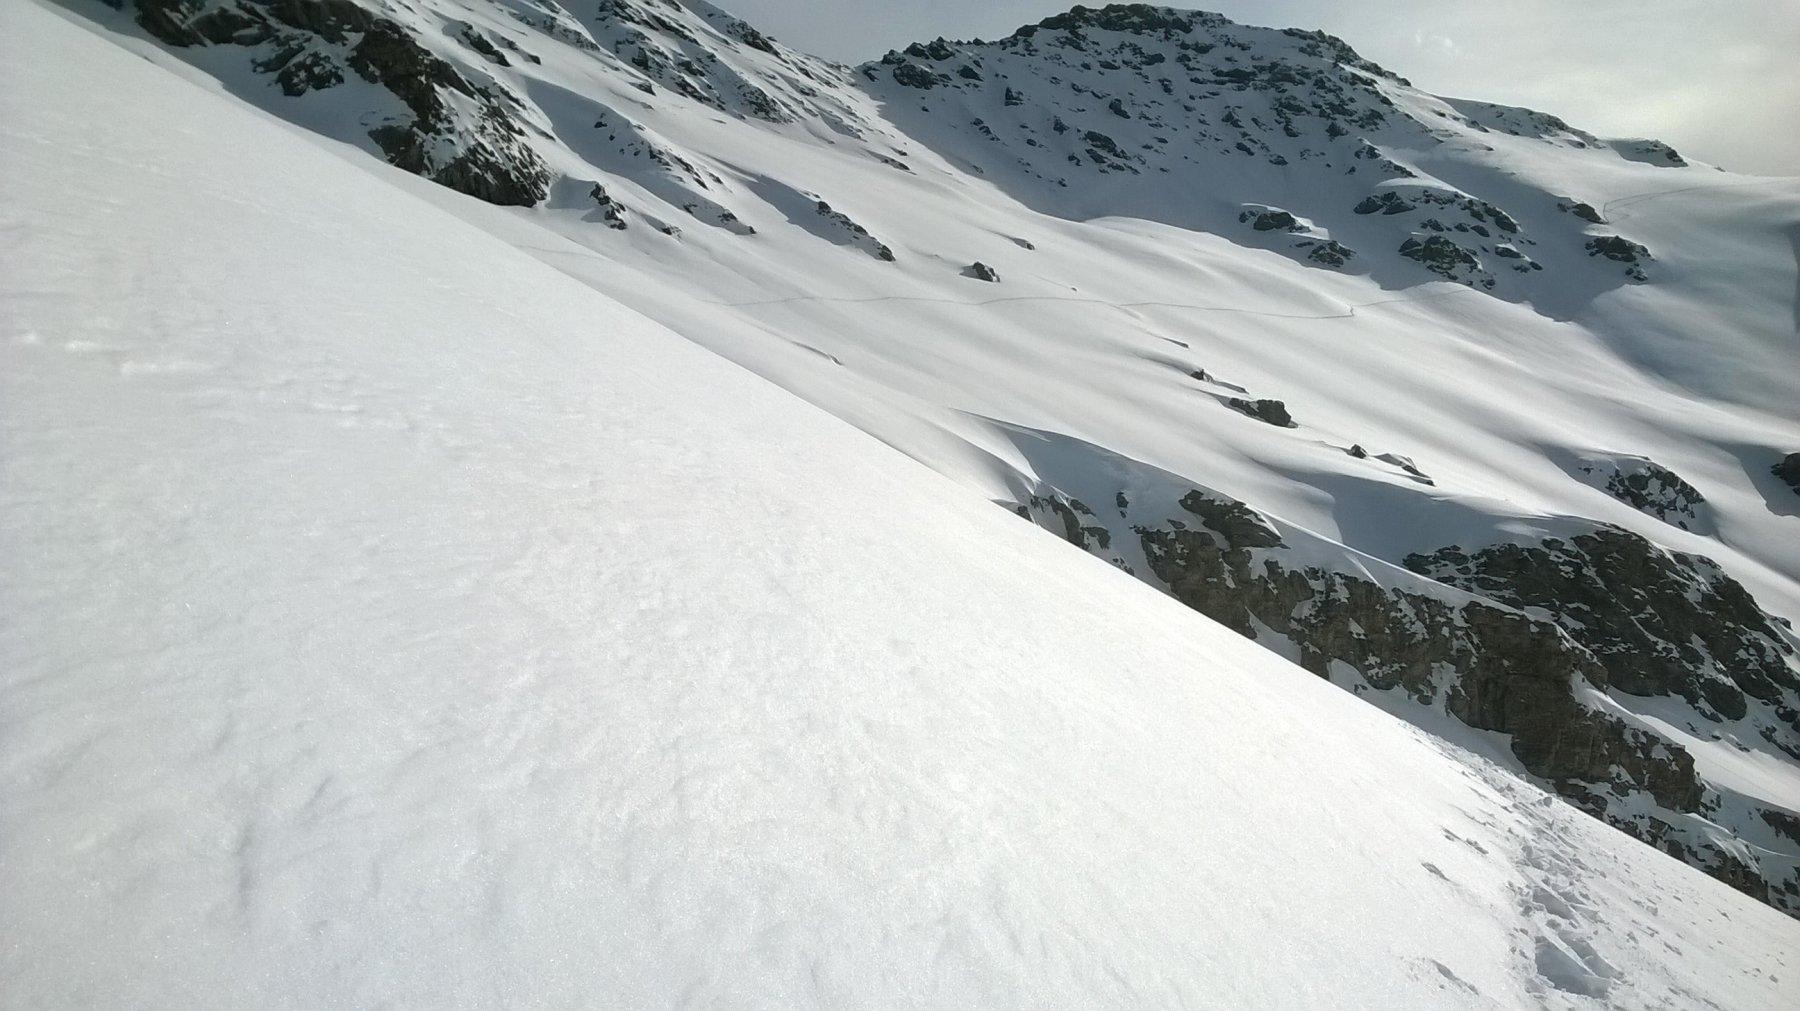 la traccia dal colle Camosciere verso il Colle dell'Agnello